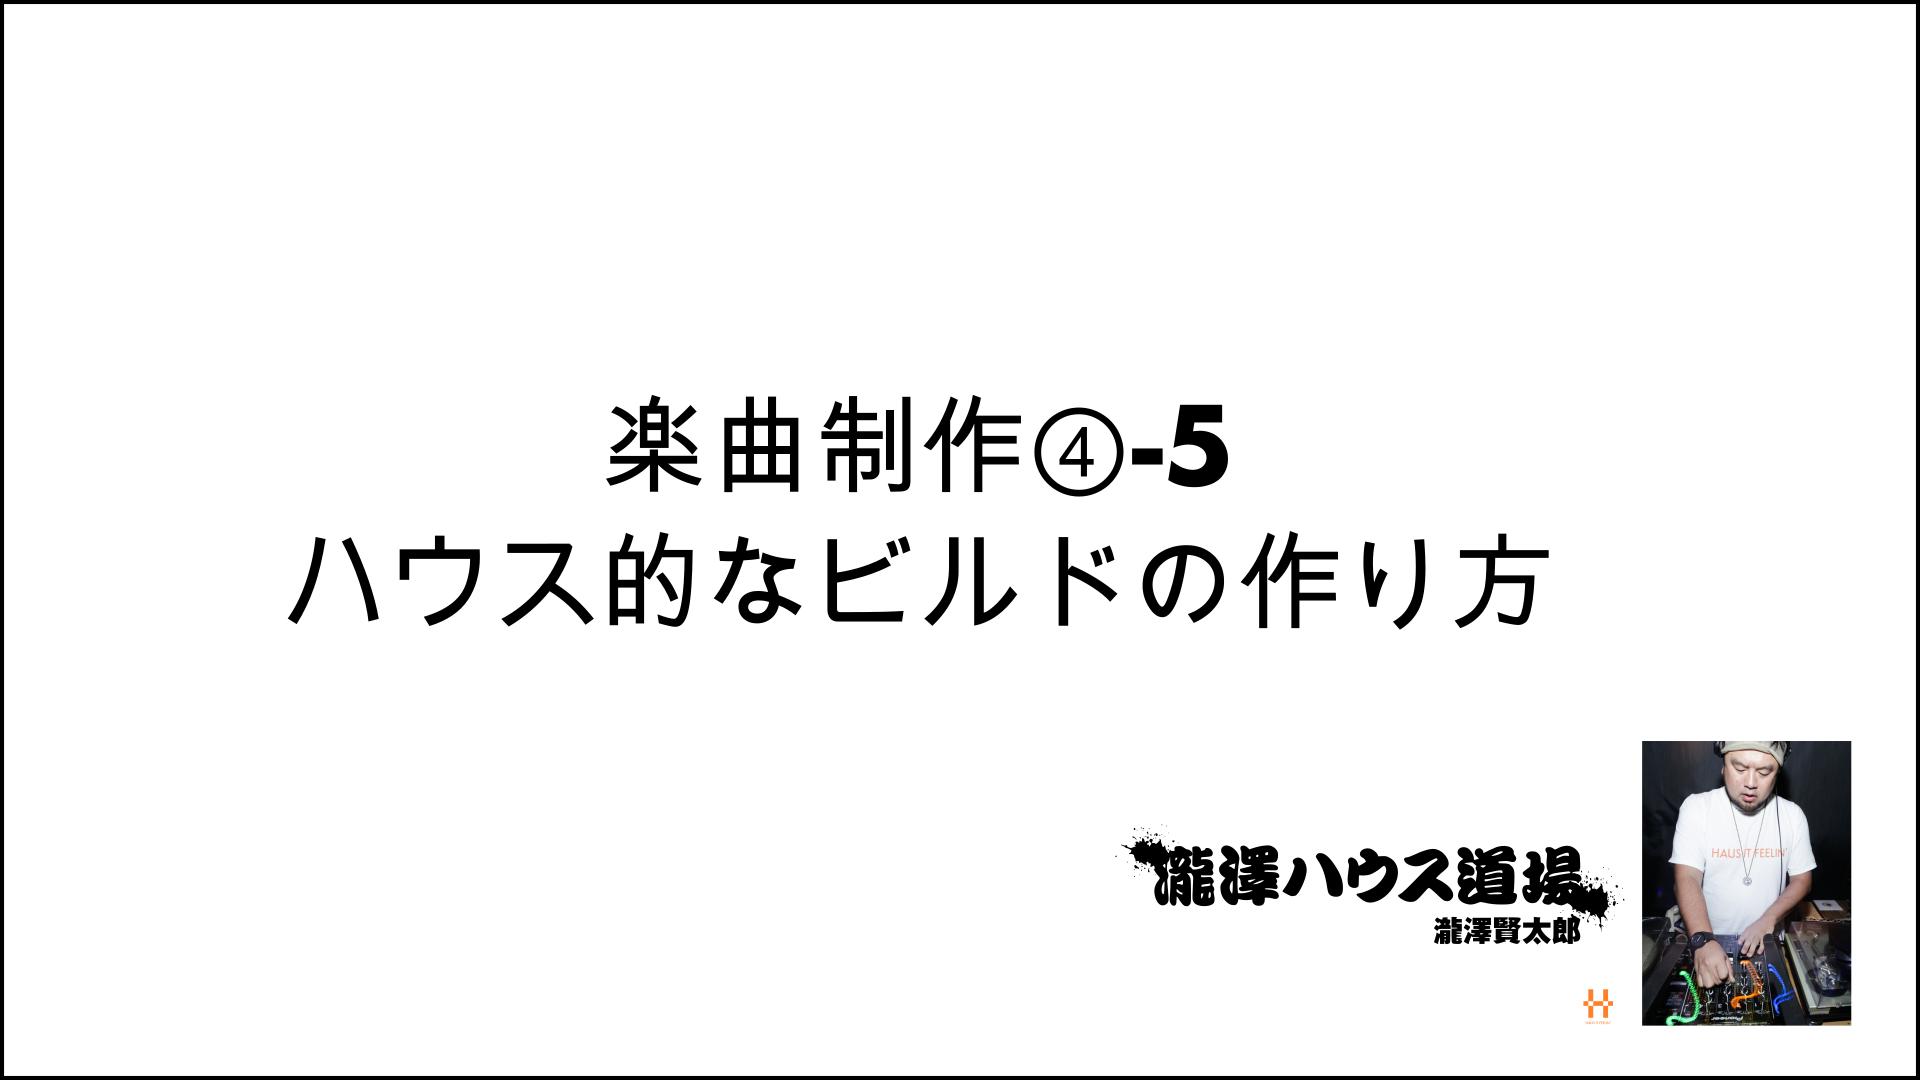 楽曲制作④-5 ハウス的なビルドの作り方 200916